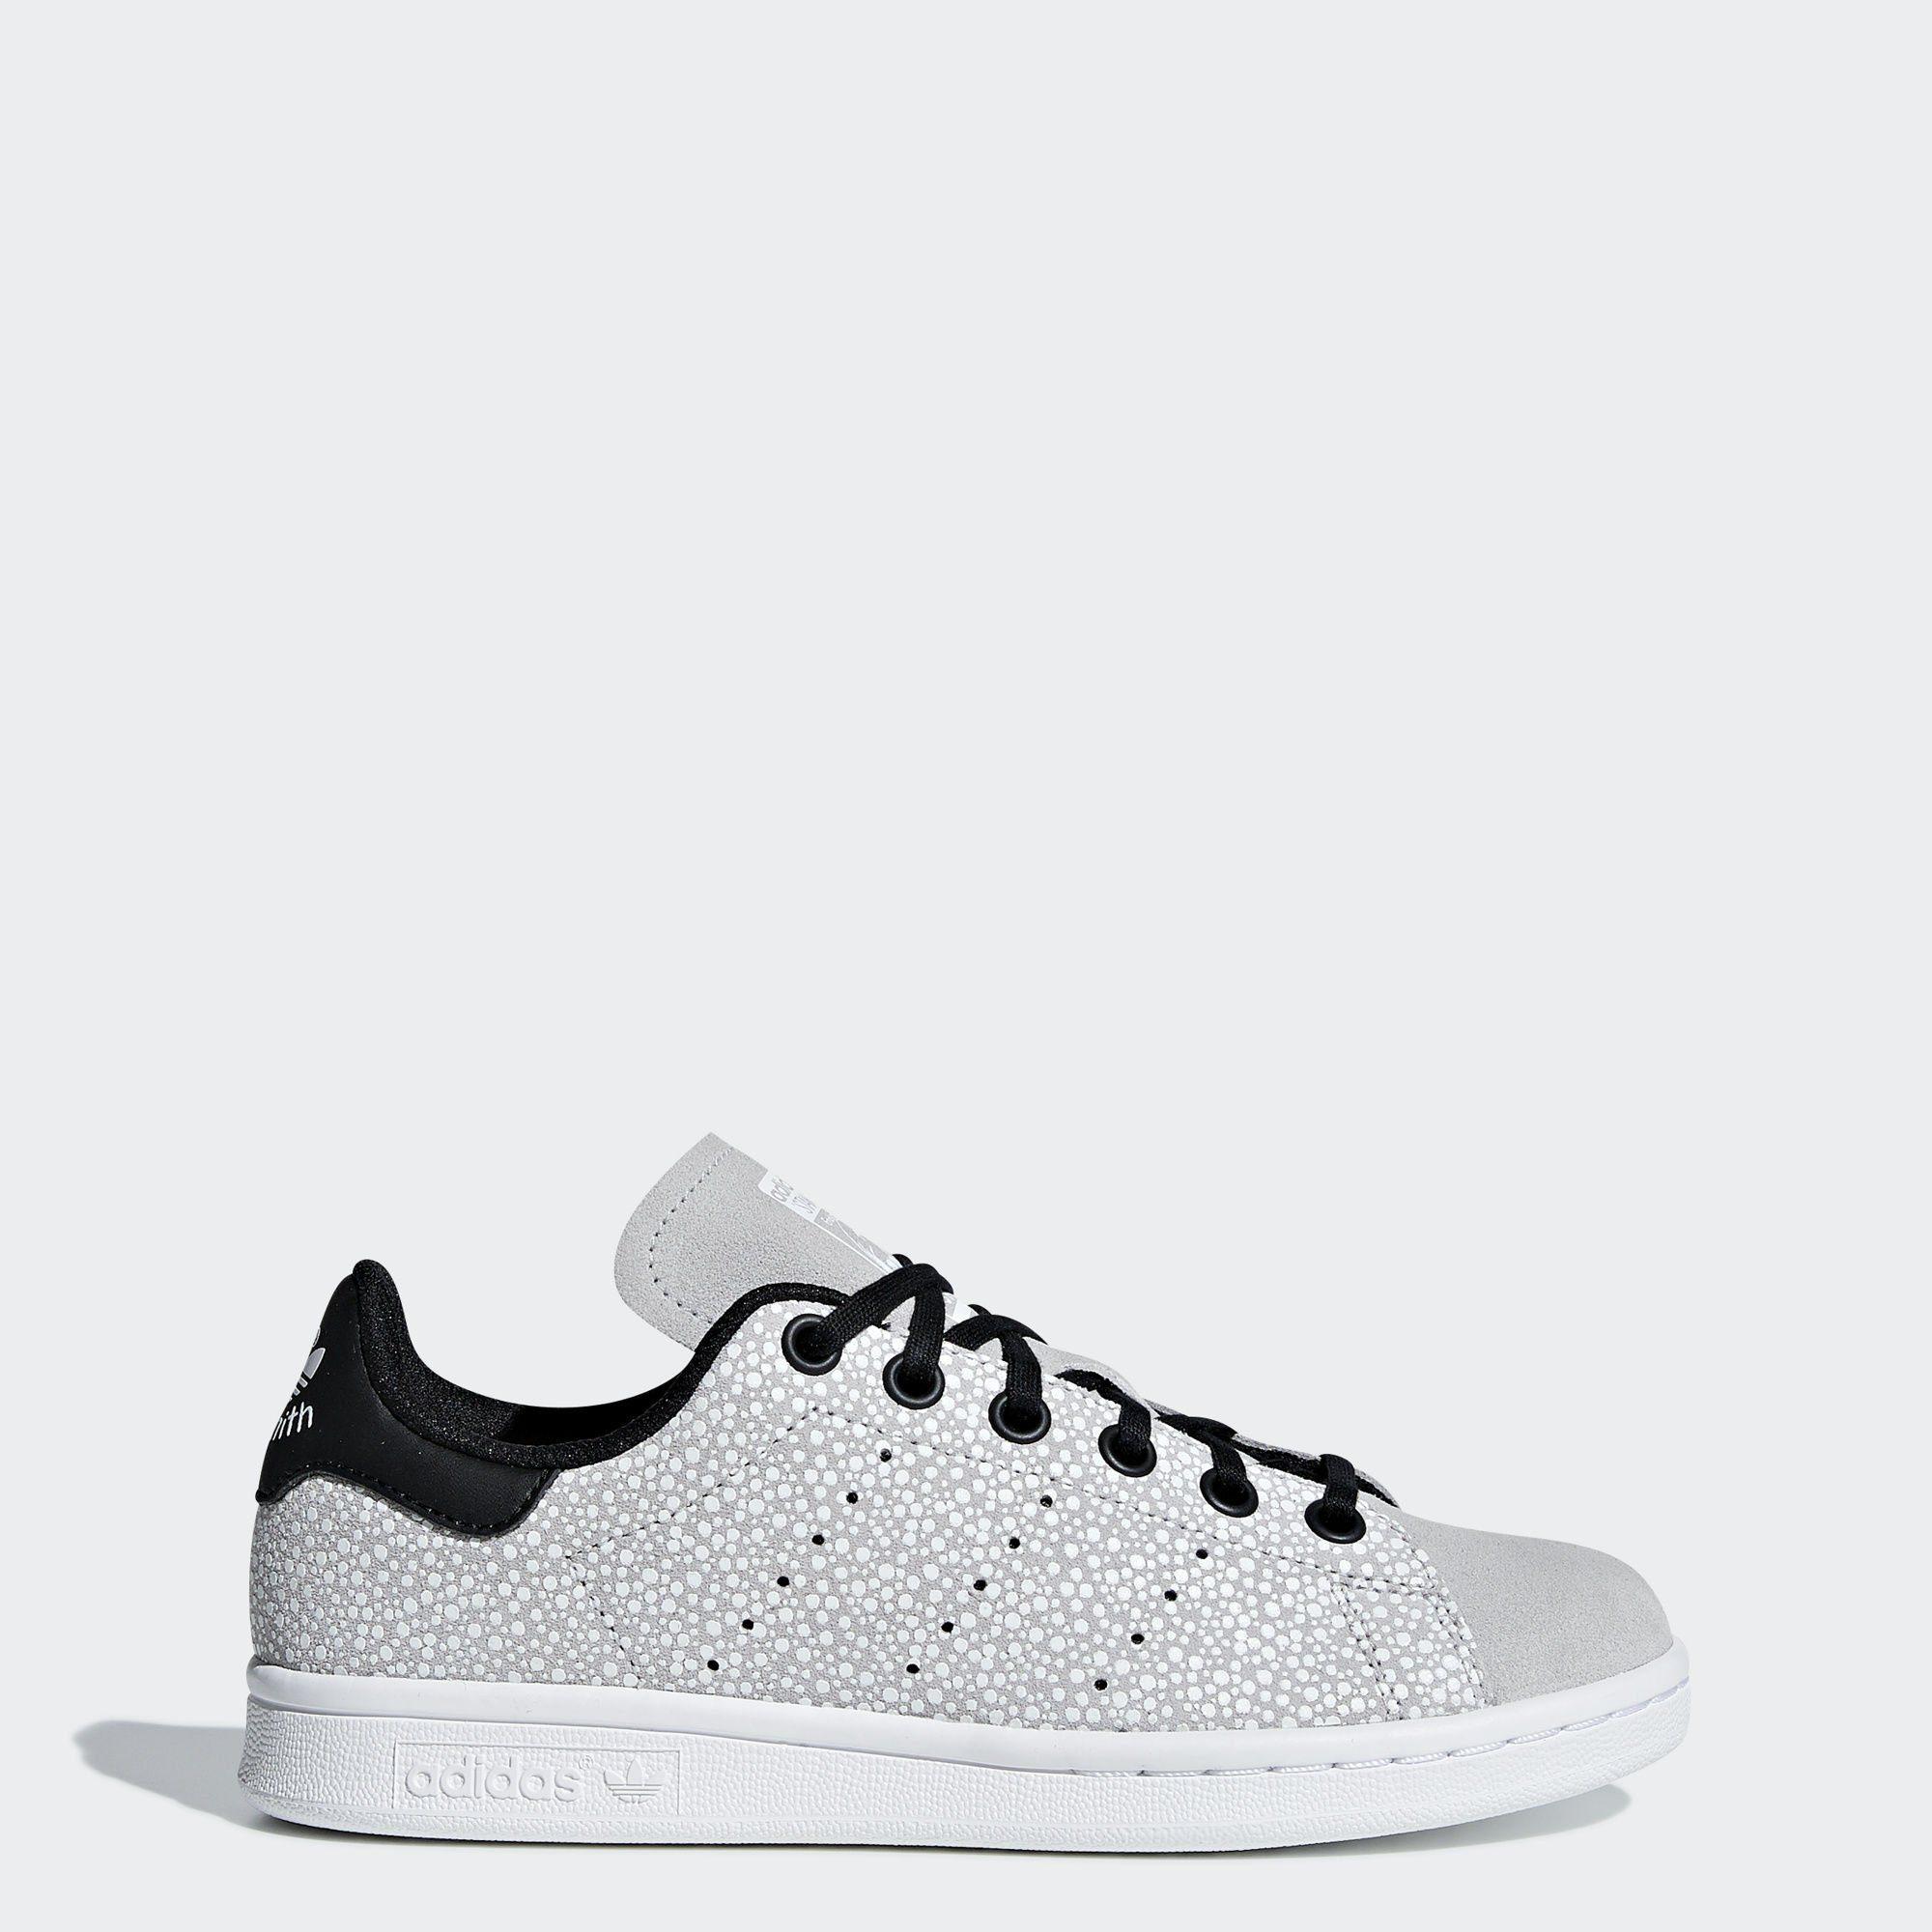 Adidas Originals  Stan Smith Schuh  Turnschuhe kaufen   OTTO Marke